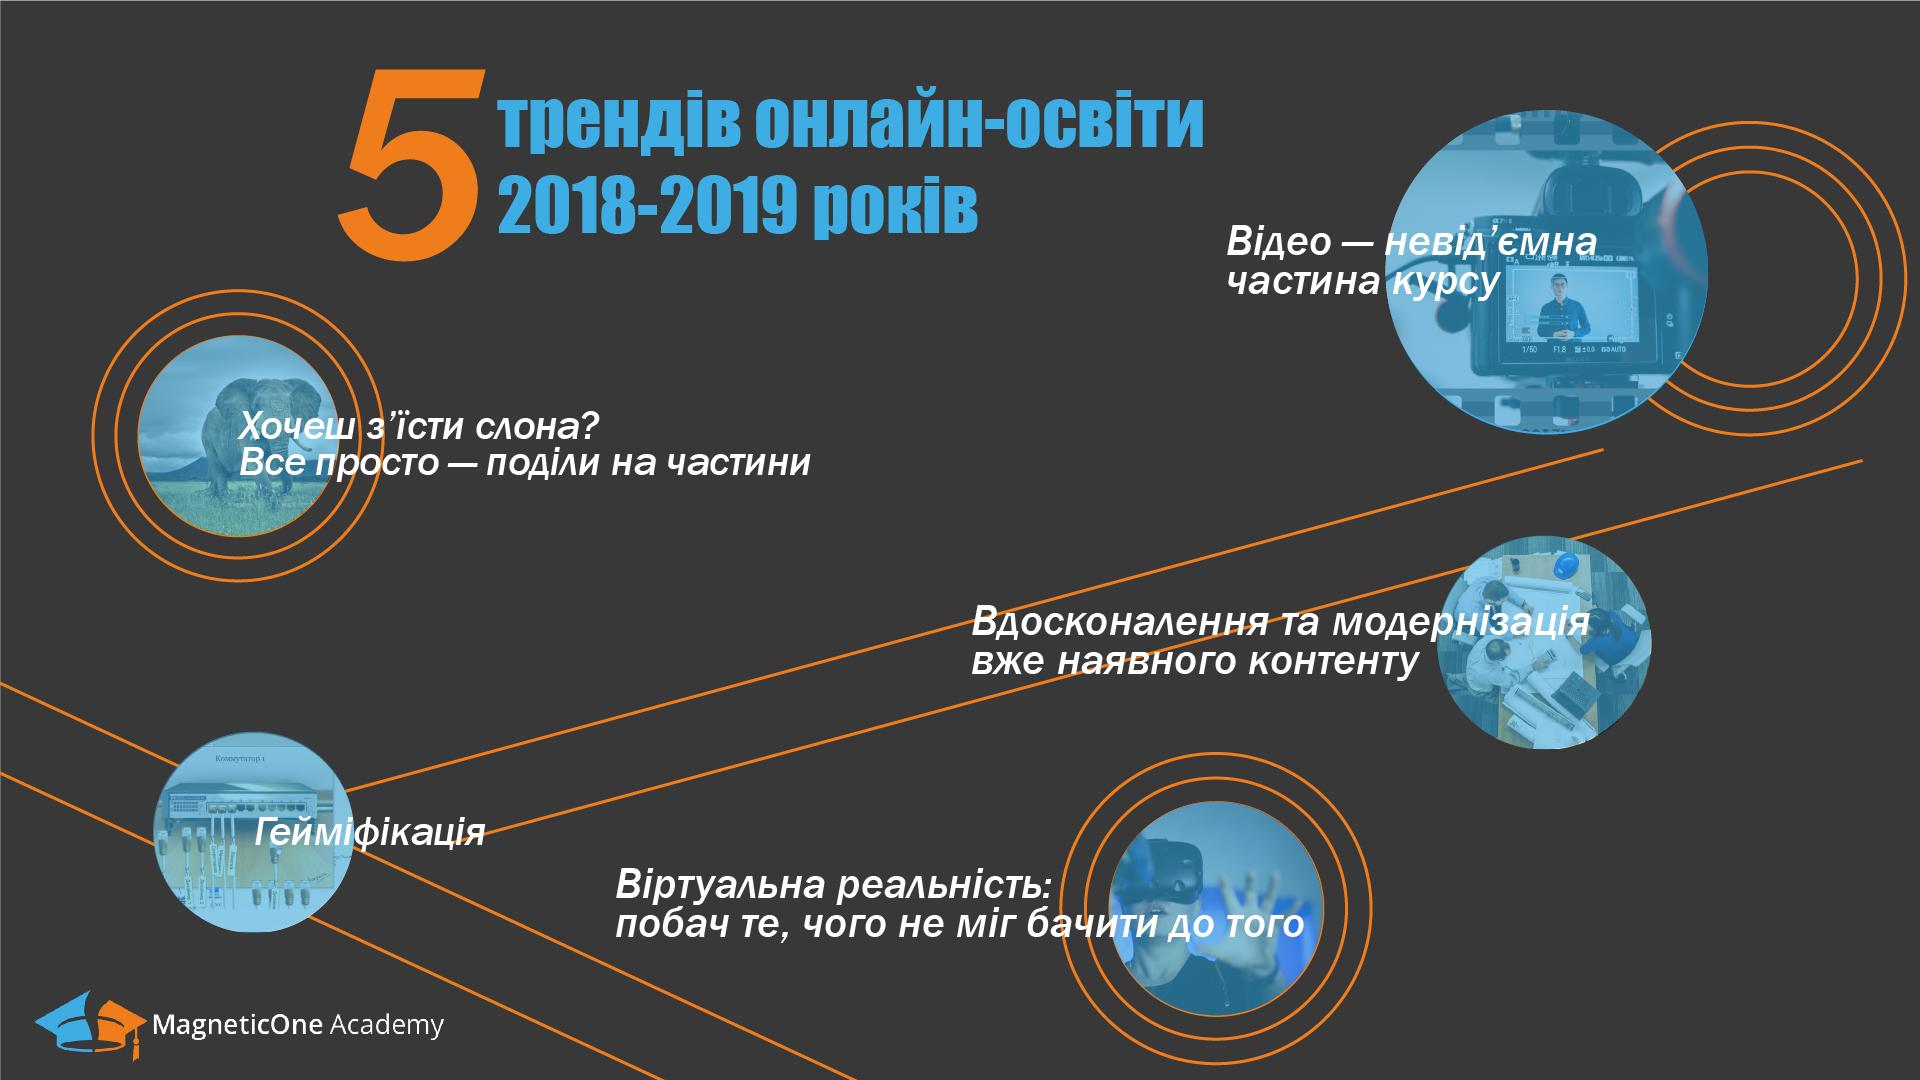 5 трендів онлайн-освіти 2018-2019 років